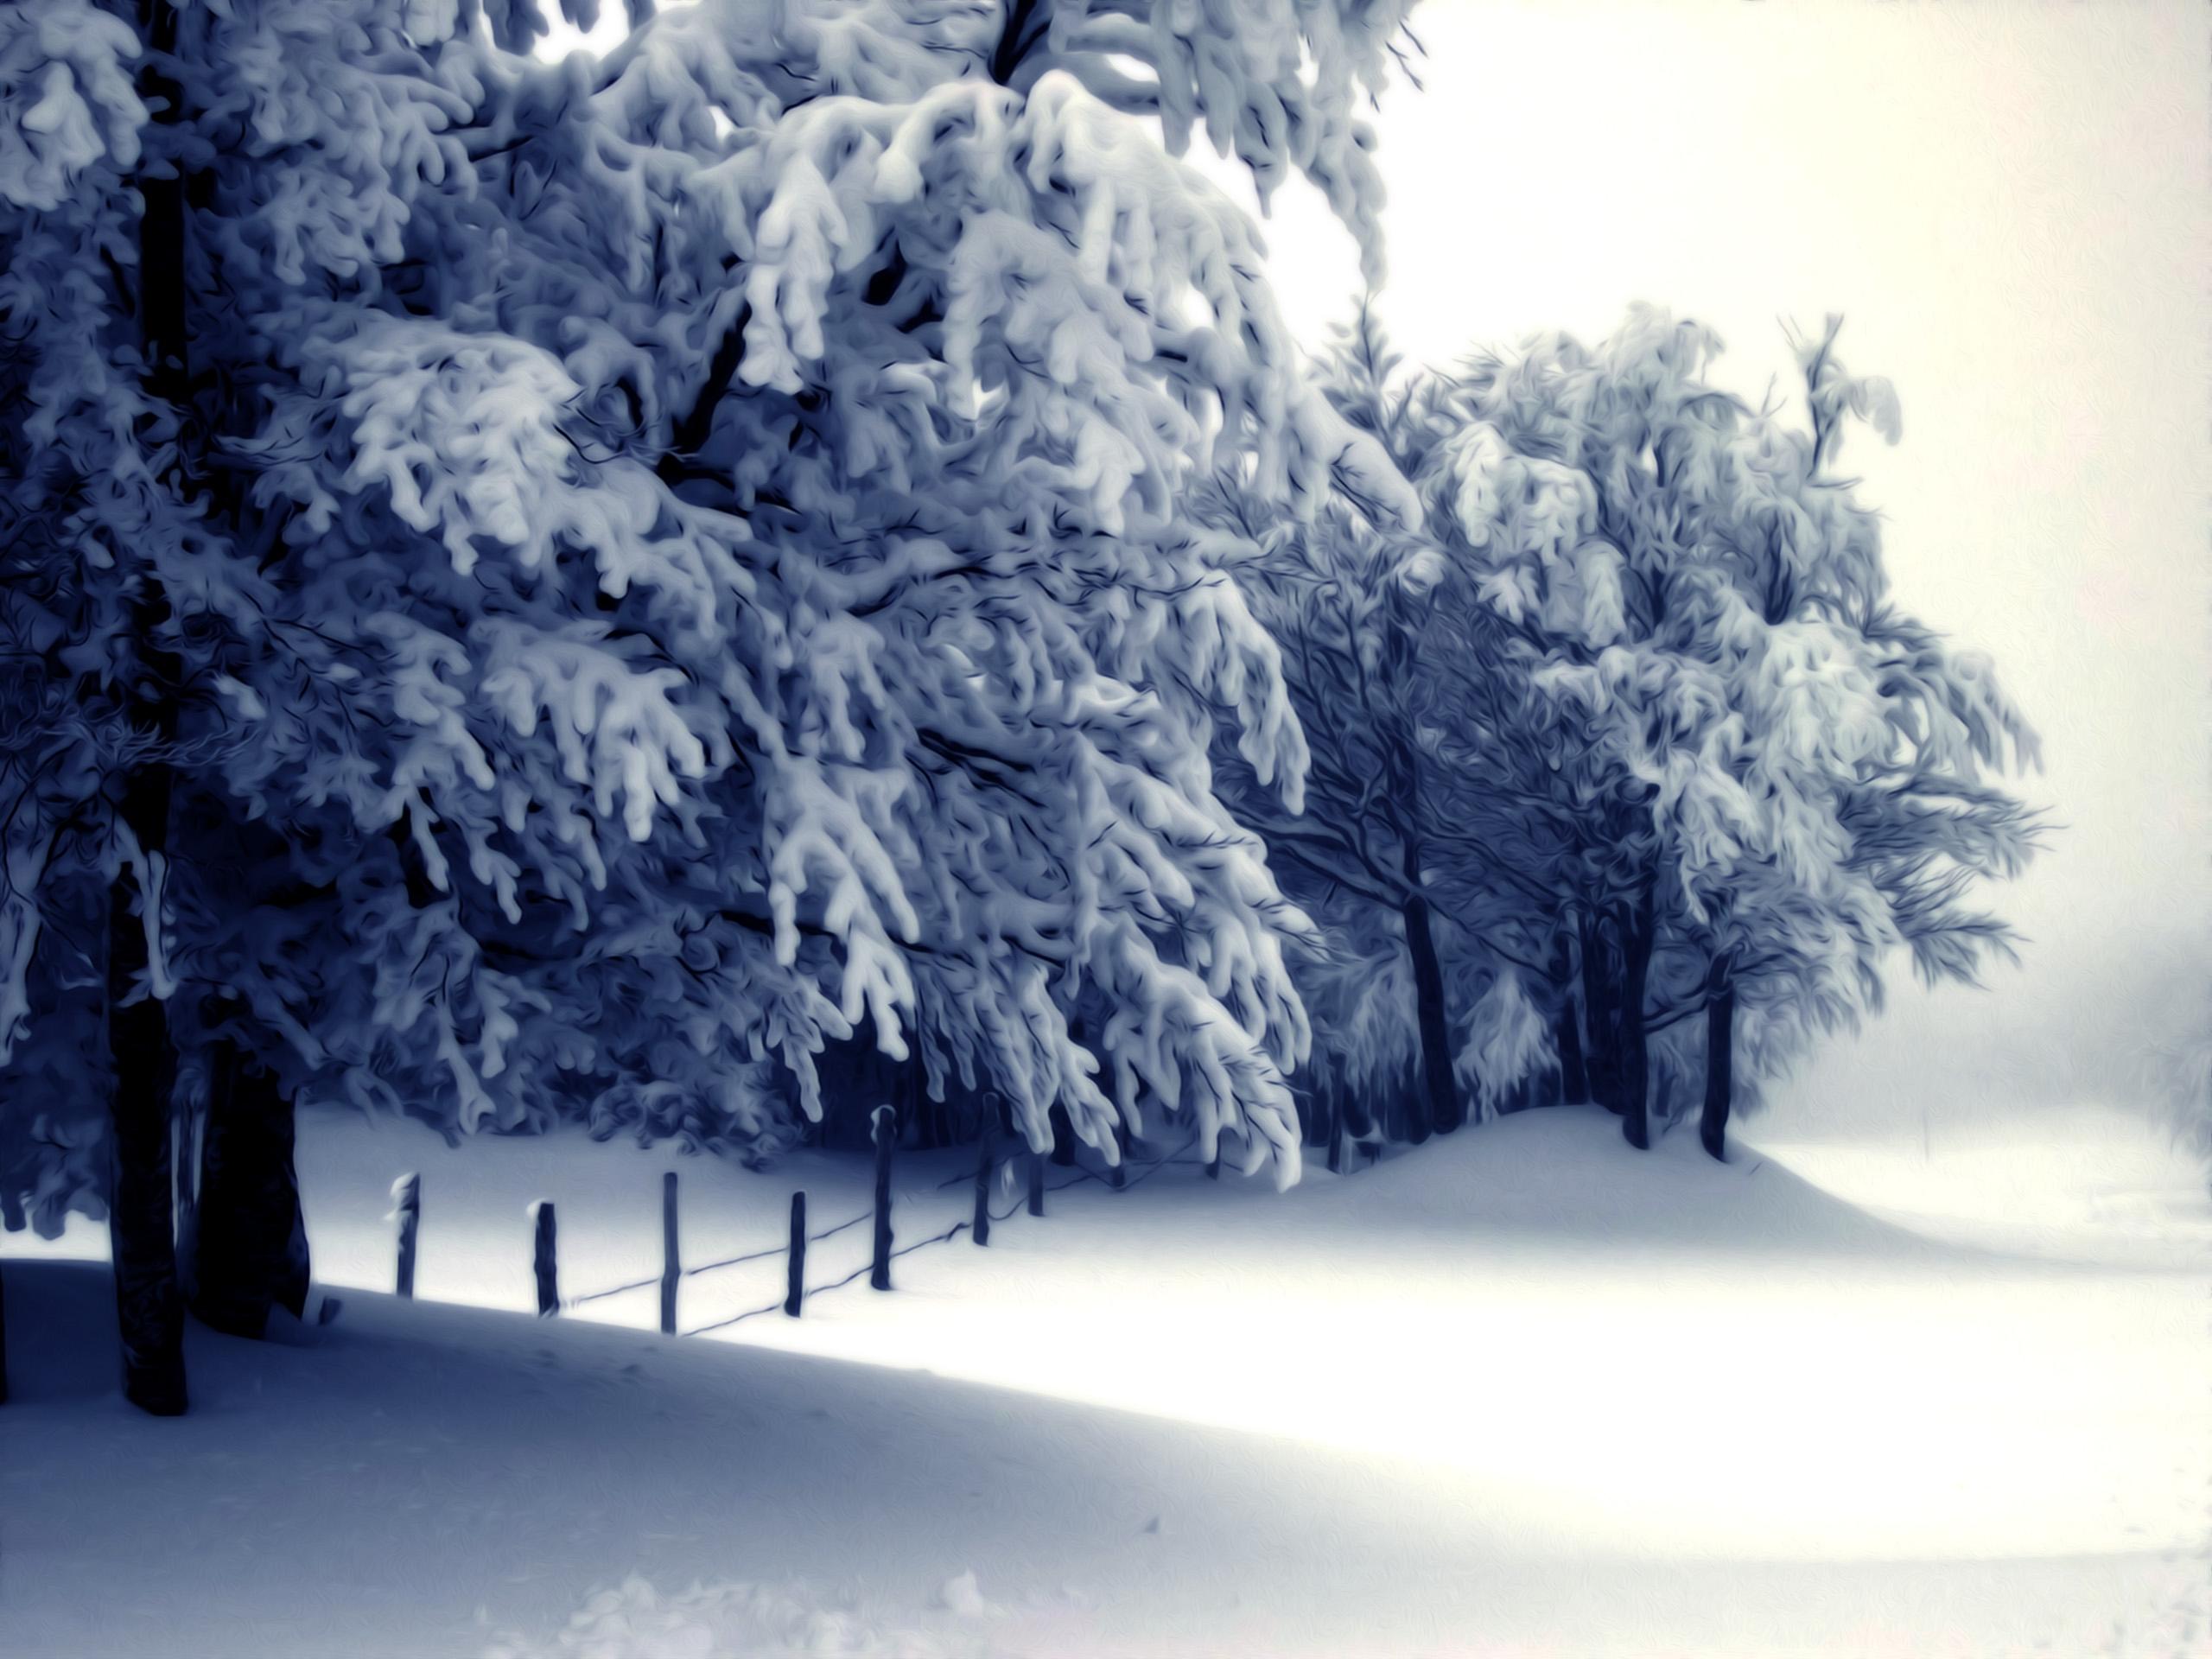 Smscs Photo Winter Scenery 2560x1920